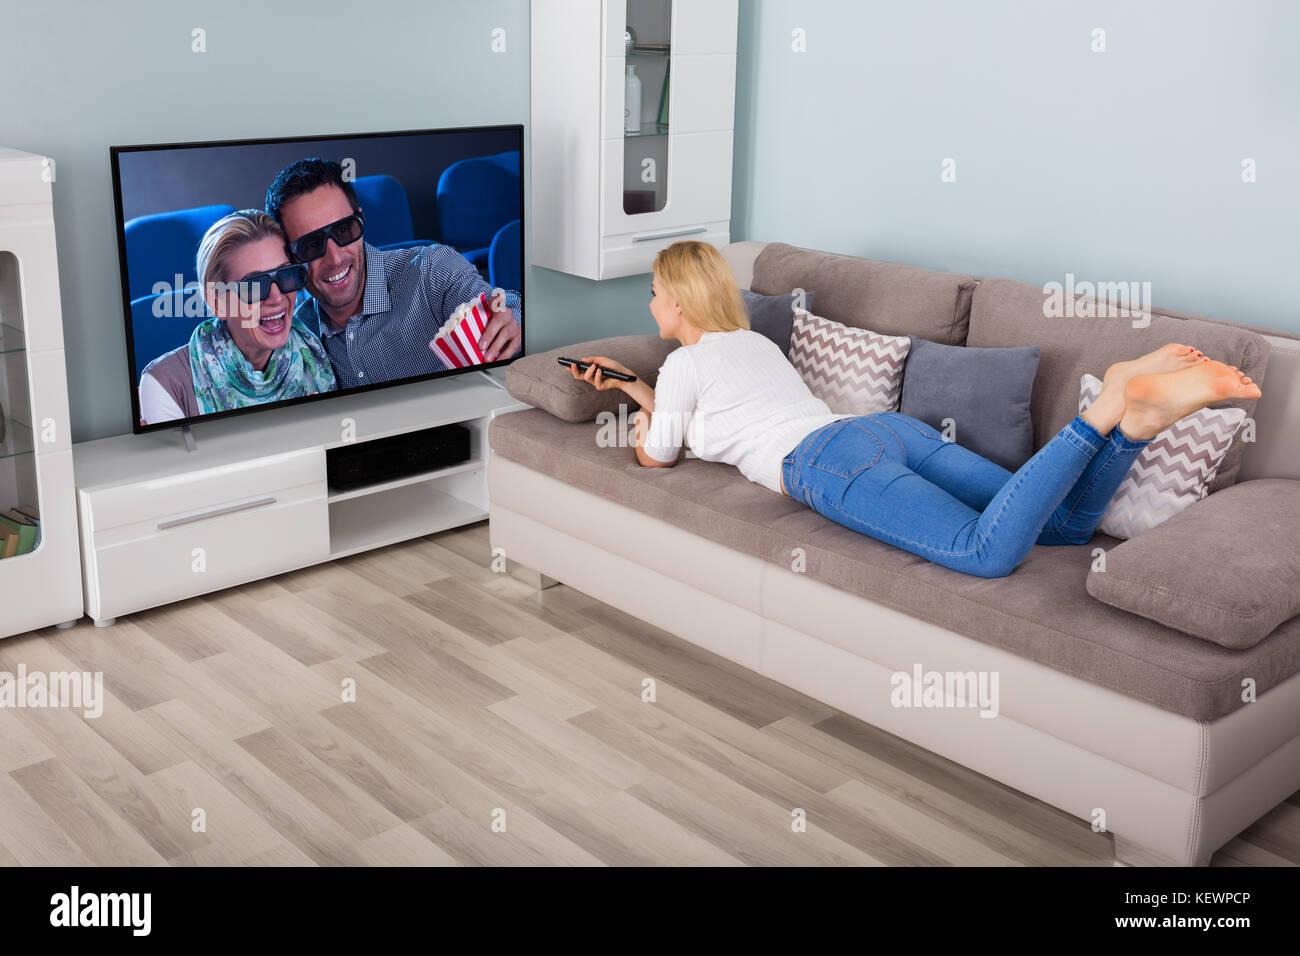 Liegende Frau Auf Der Couch Watching Film Auf Dem Fernseher Im